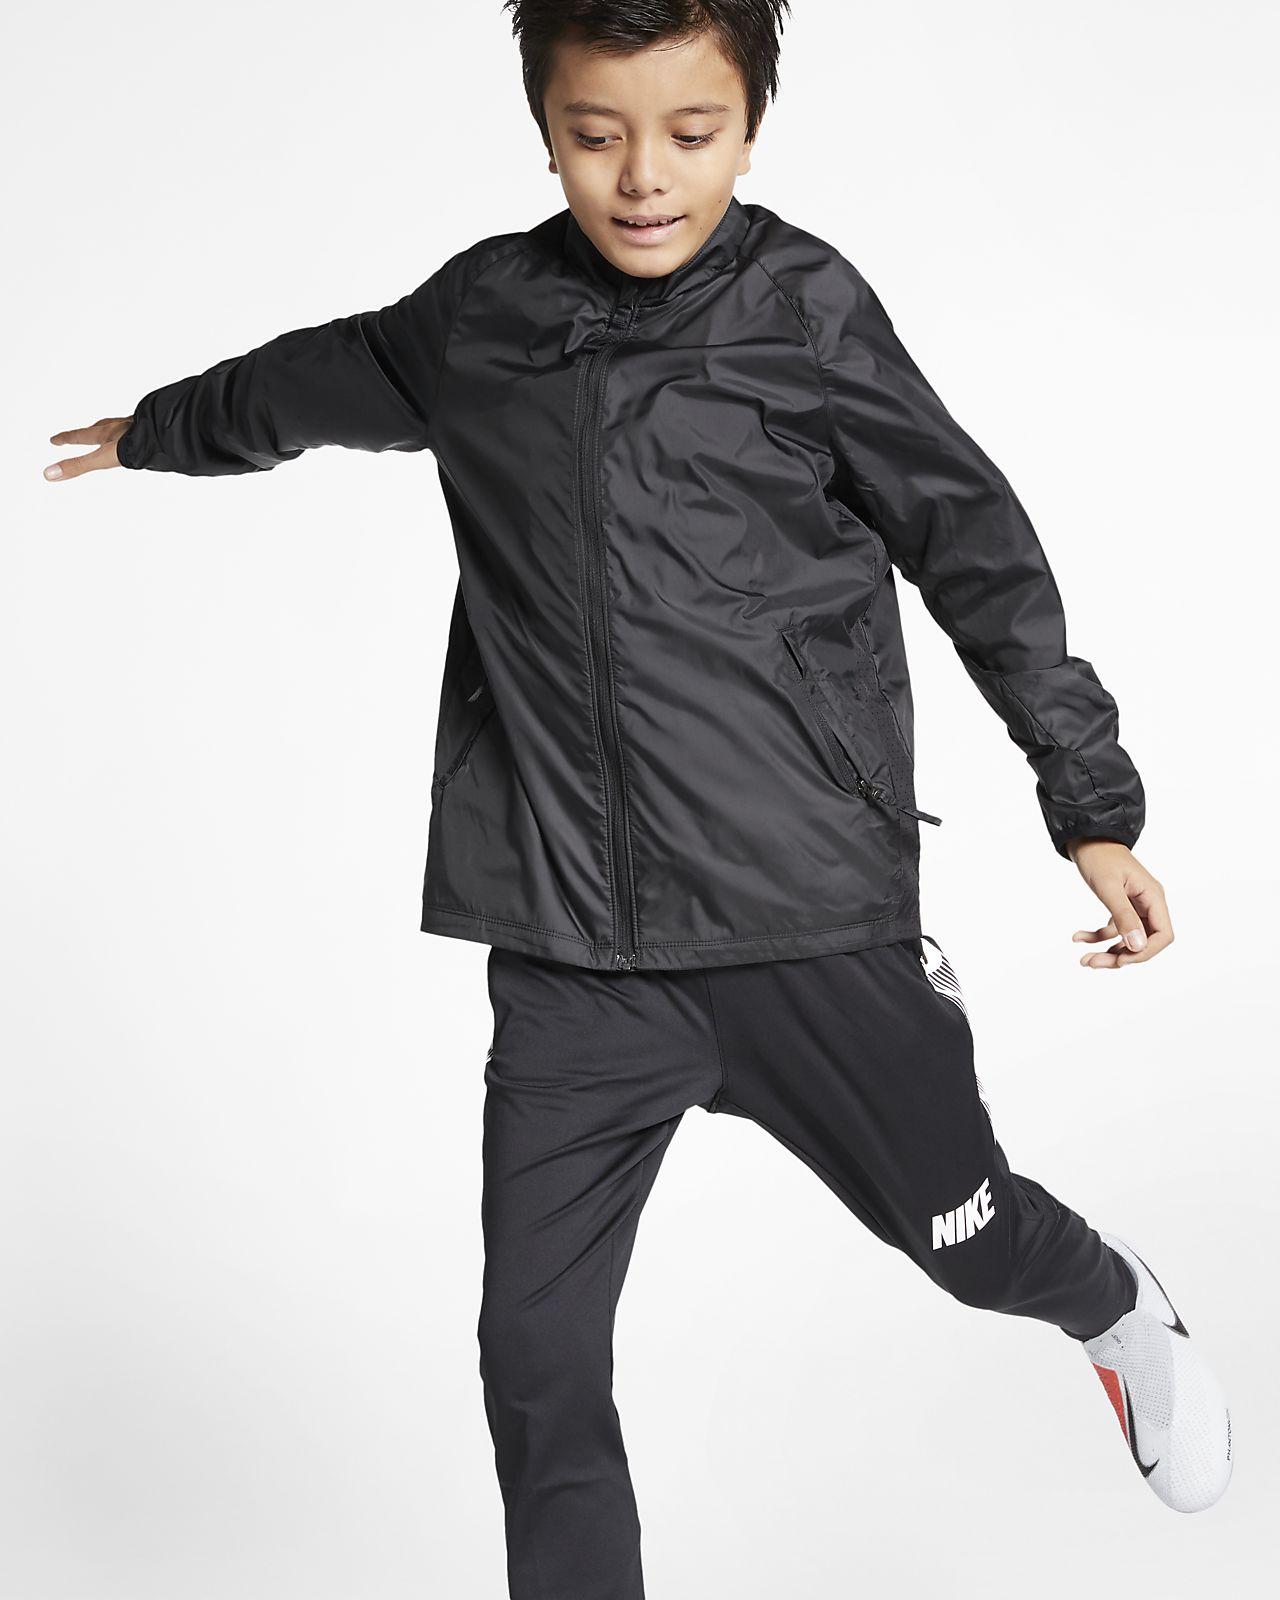 Nike Academy Voetbaljack voor kids